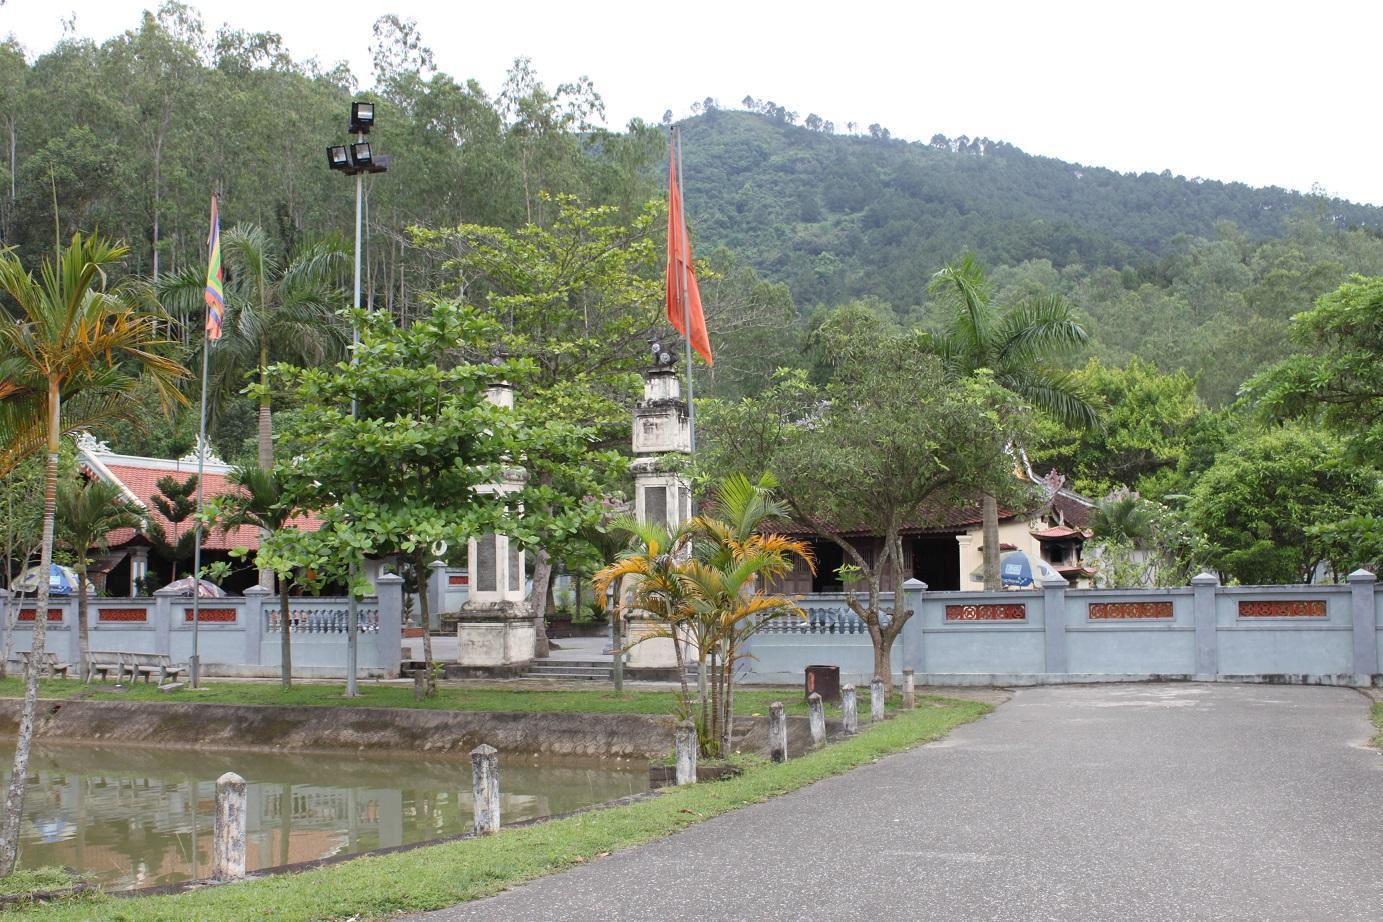 Den Mai Thuc Loan